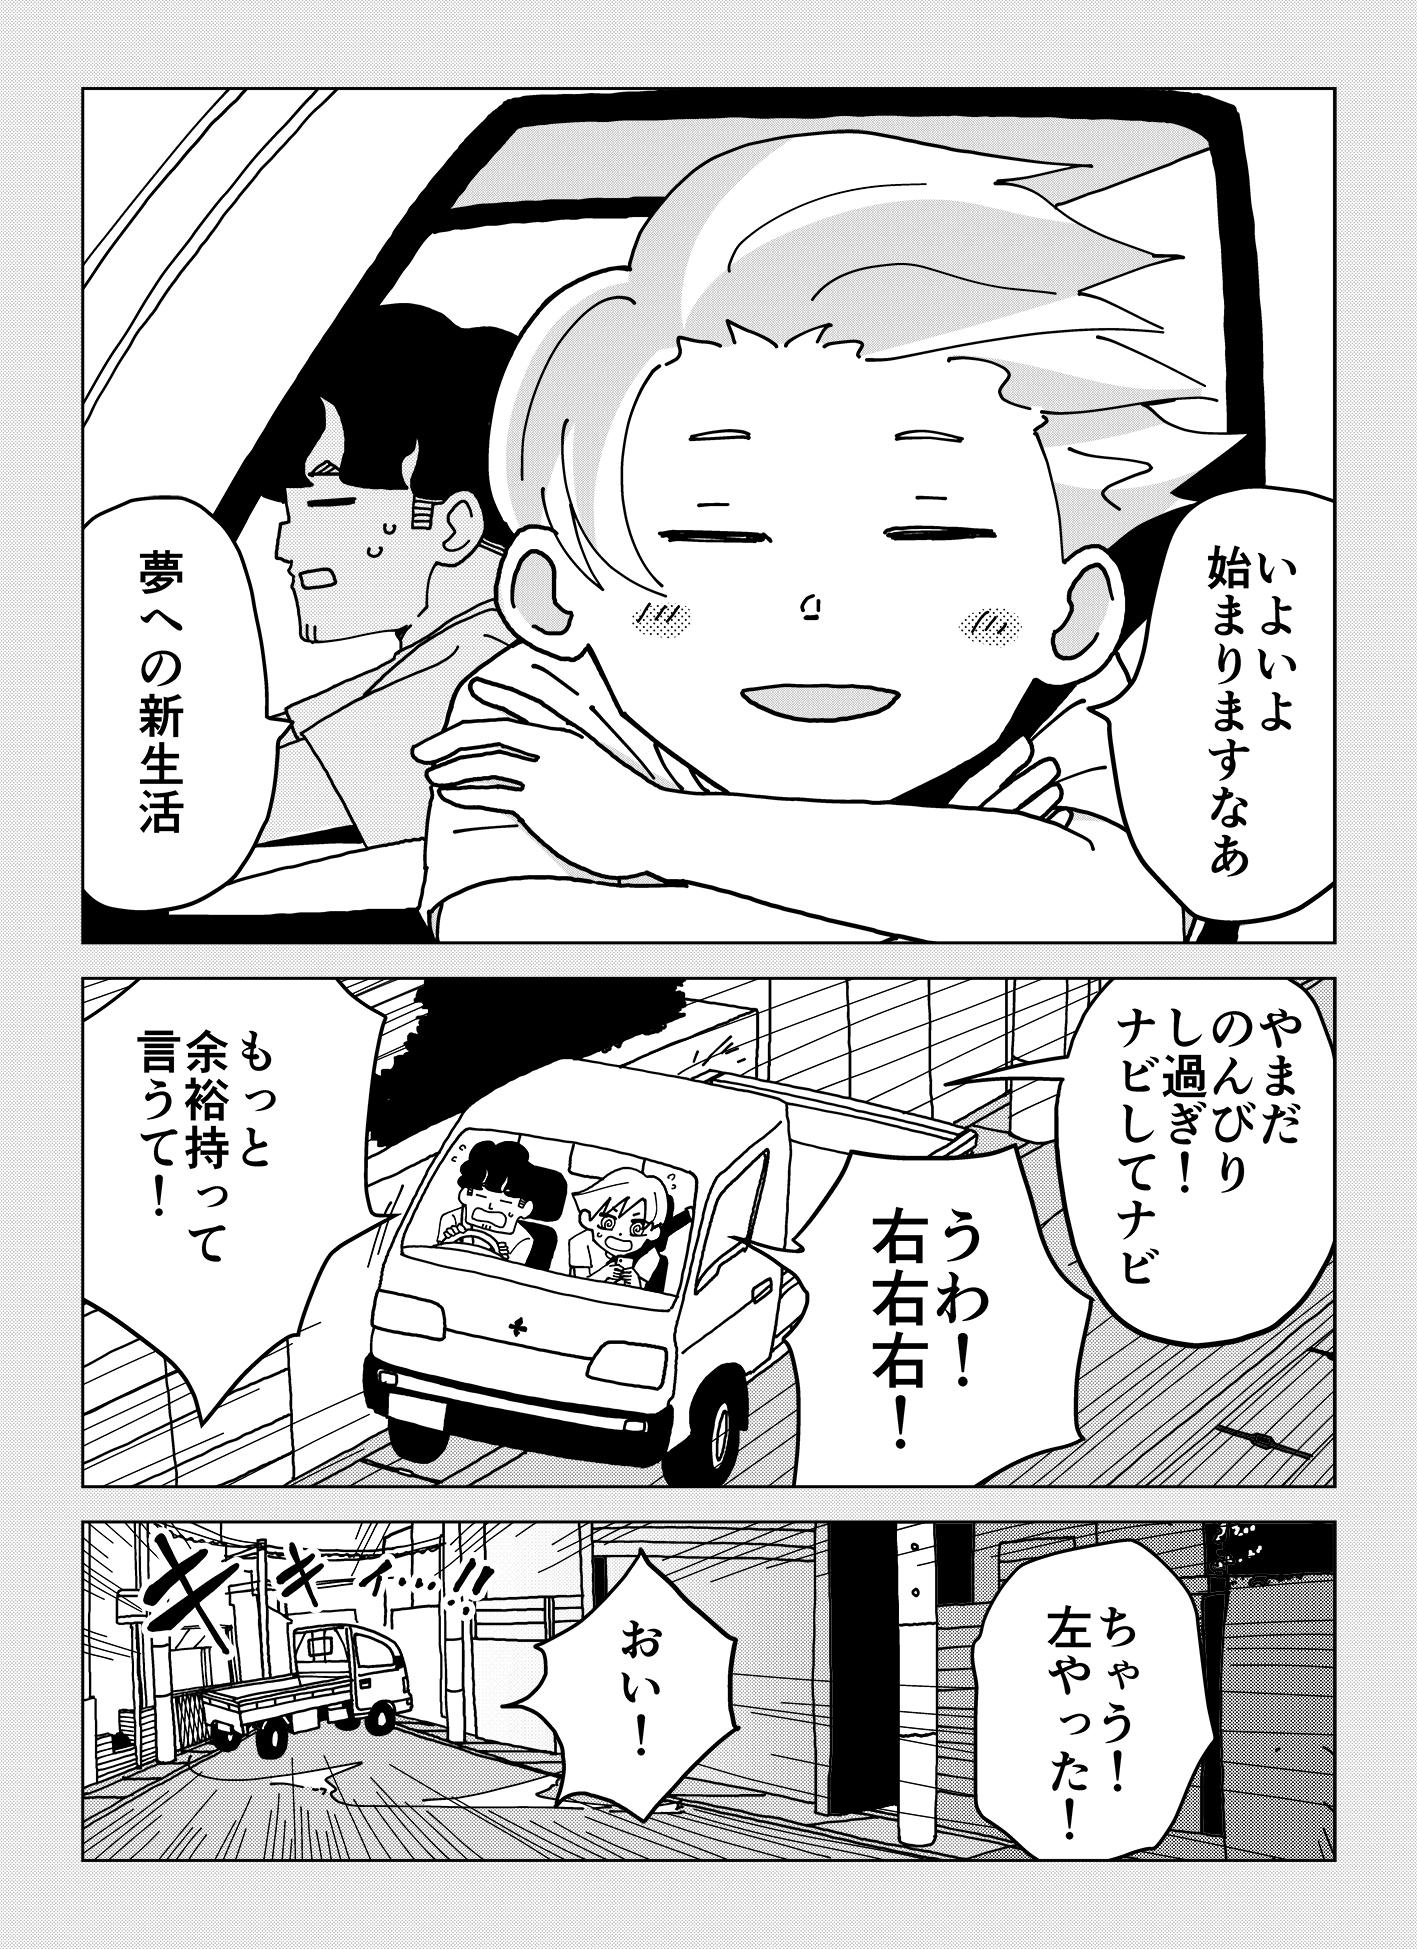 share_b_002